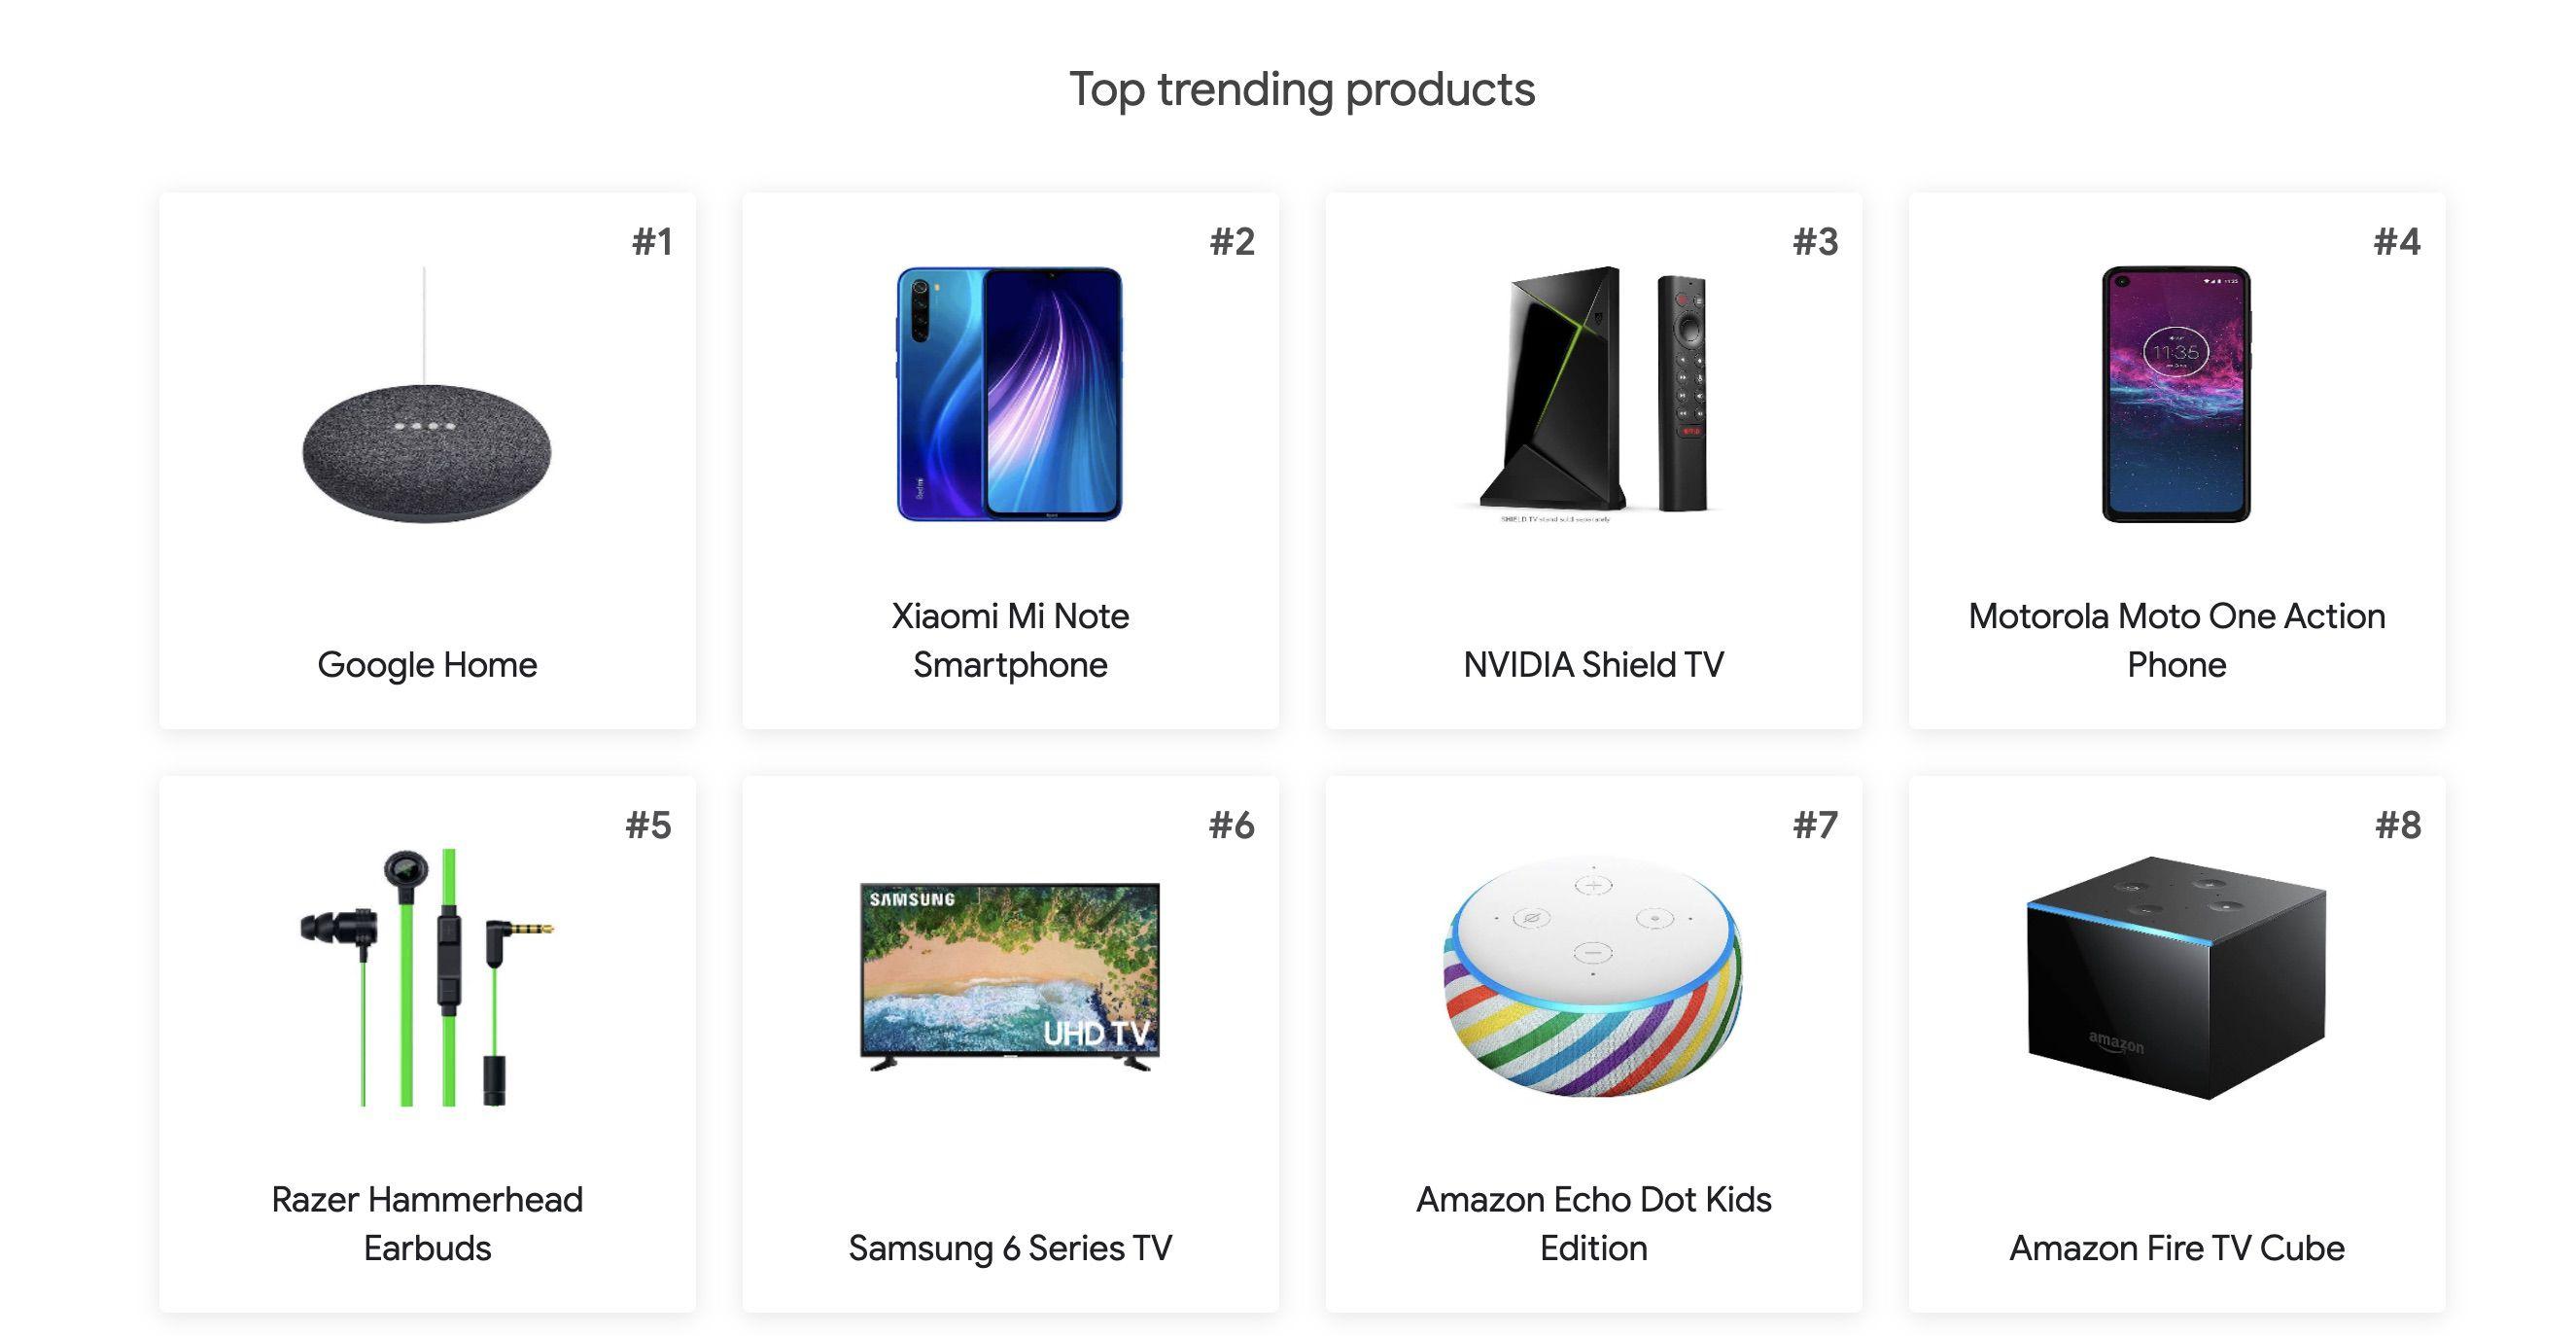 les premiers produits présentés dans la catégorie Tech sur Google Shopping 100